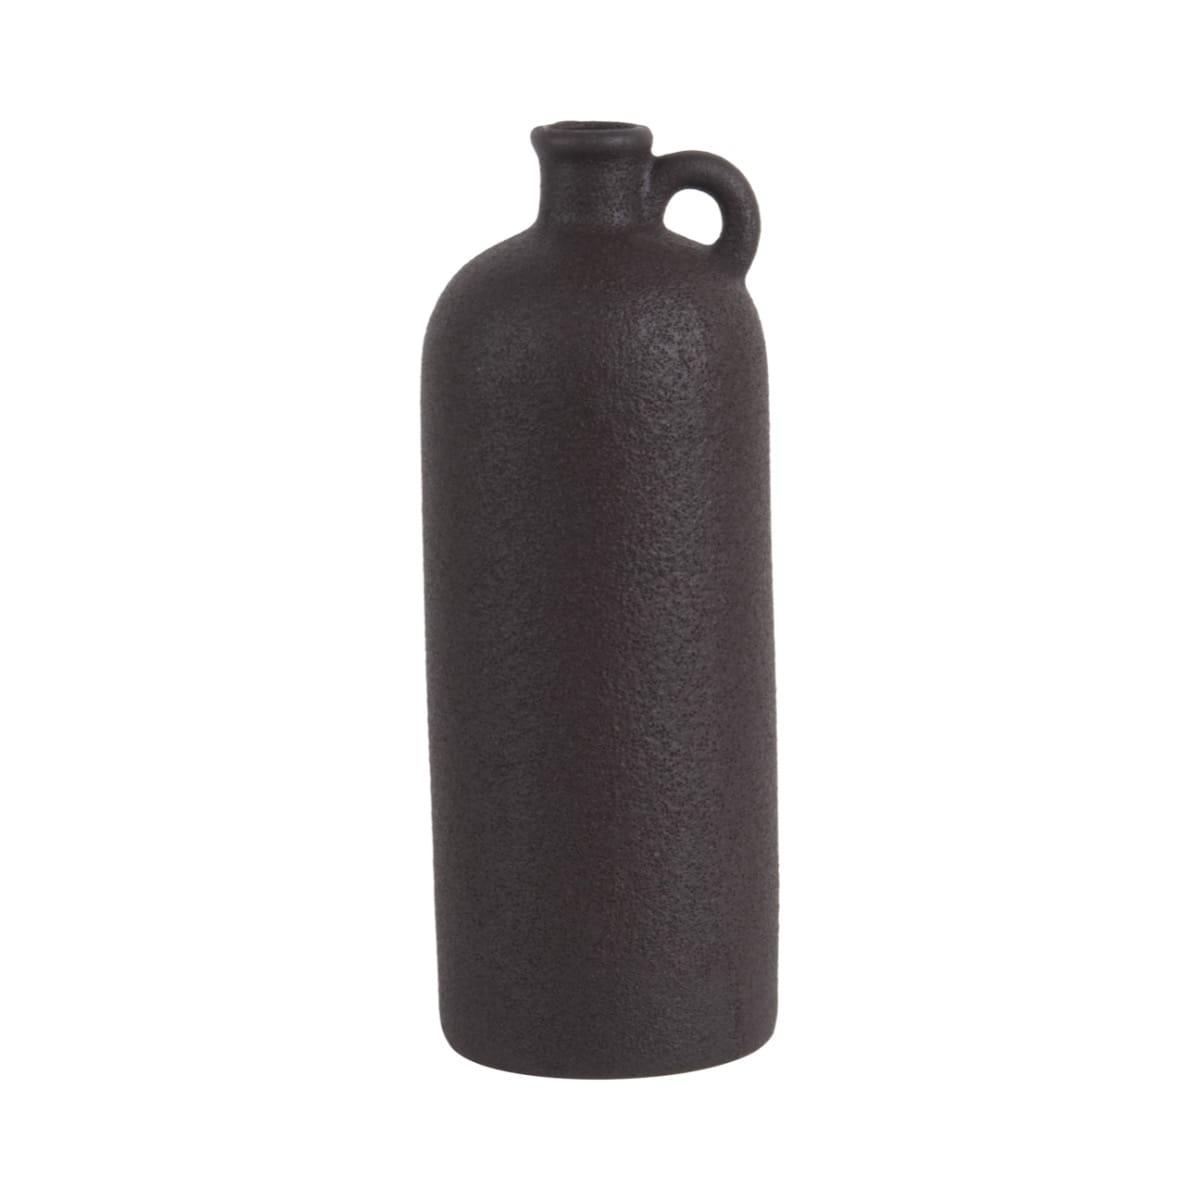 Sada 3 ks: Černá keramická váza Burly Bottle - velká Present Time